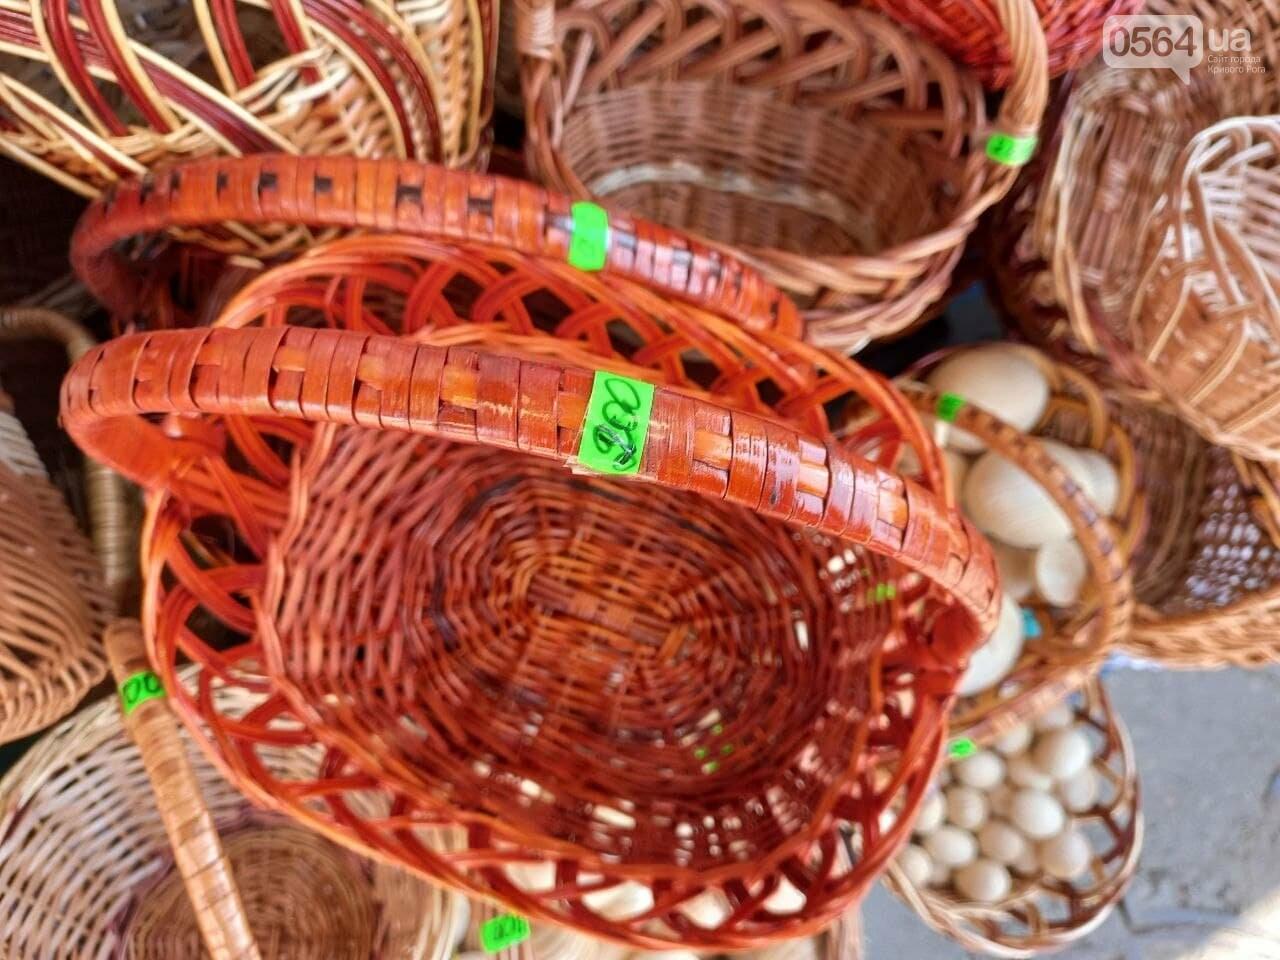 Пасхальная корзина 2021: сколько стоит традиционный праздничный набор продуктов в Кривом Роге, - ФОТО, фото-32